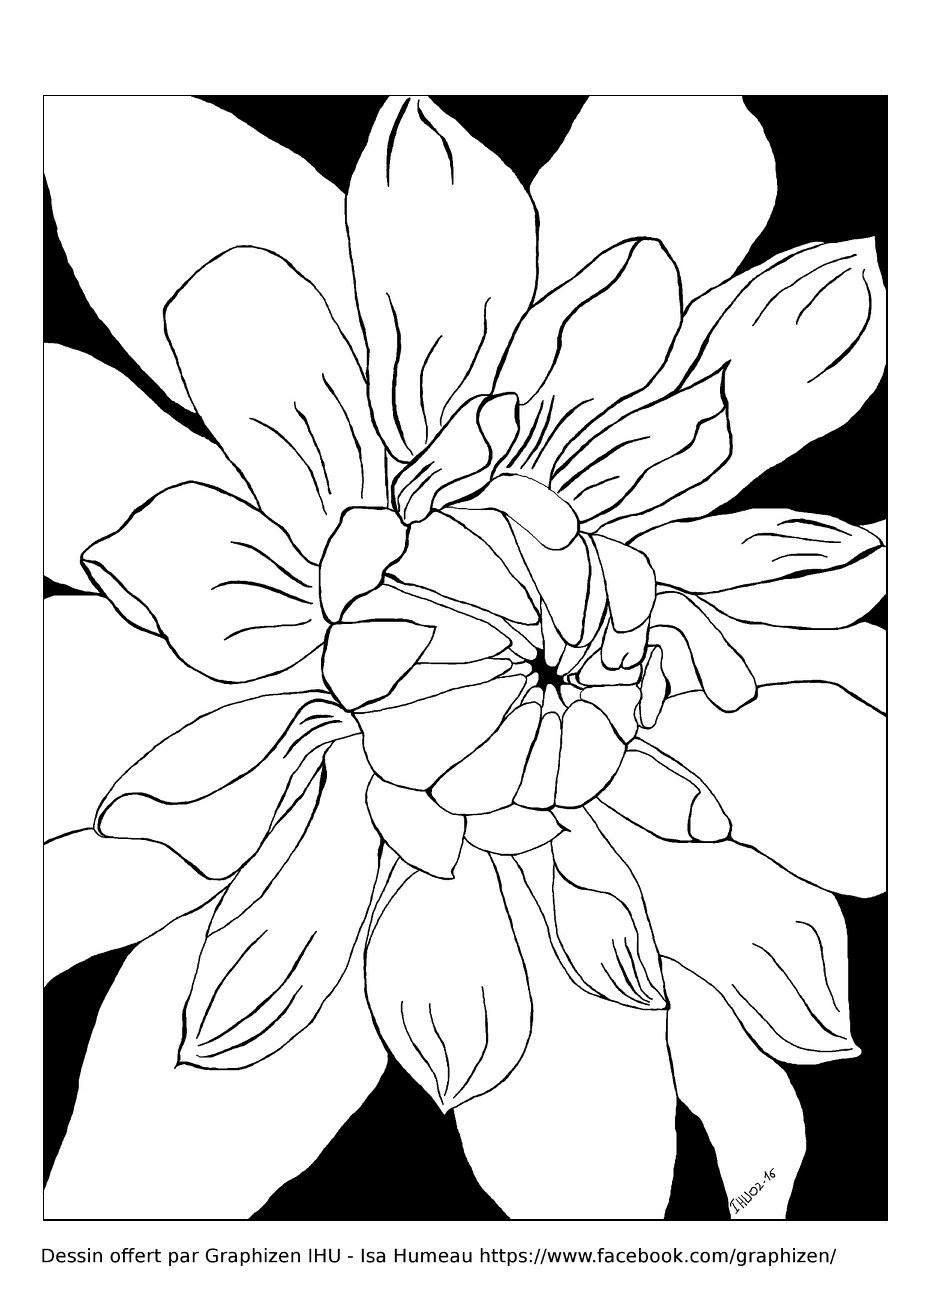 Fleur magnifique petales fleurs et v g tation coloriages difficiles pour adultes - Coloriage magnifique ...